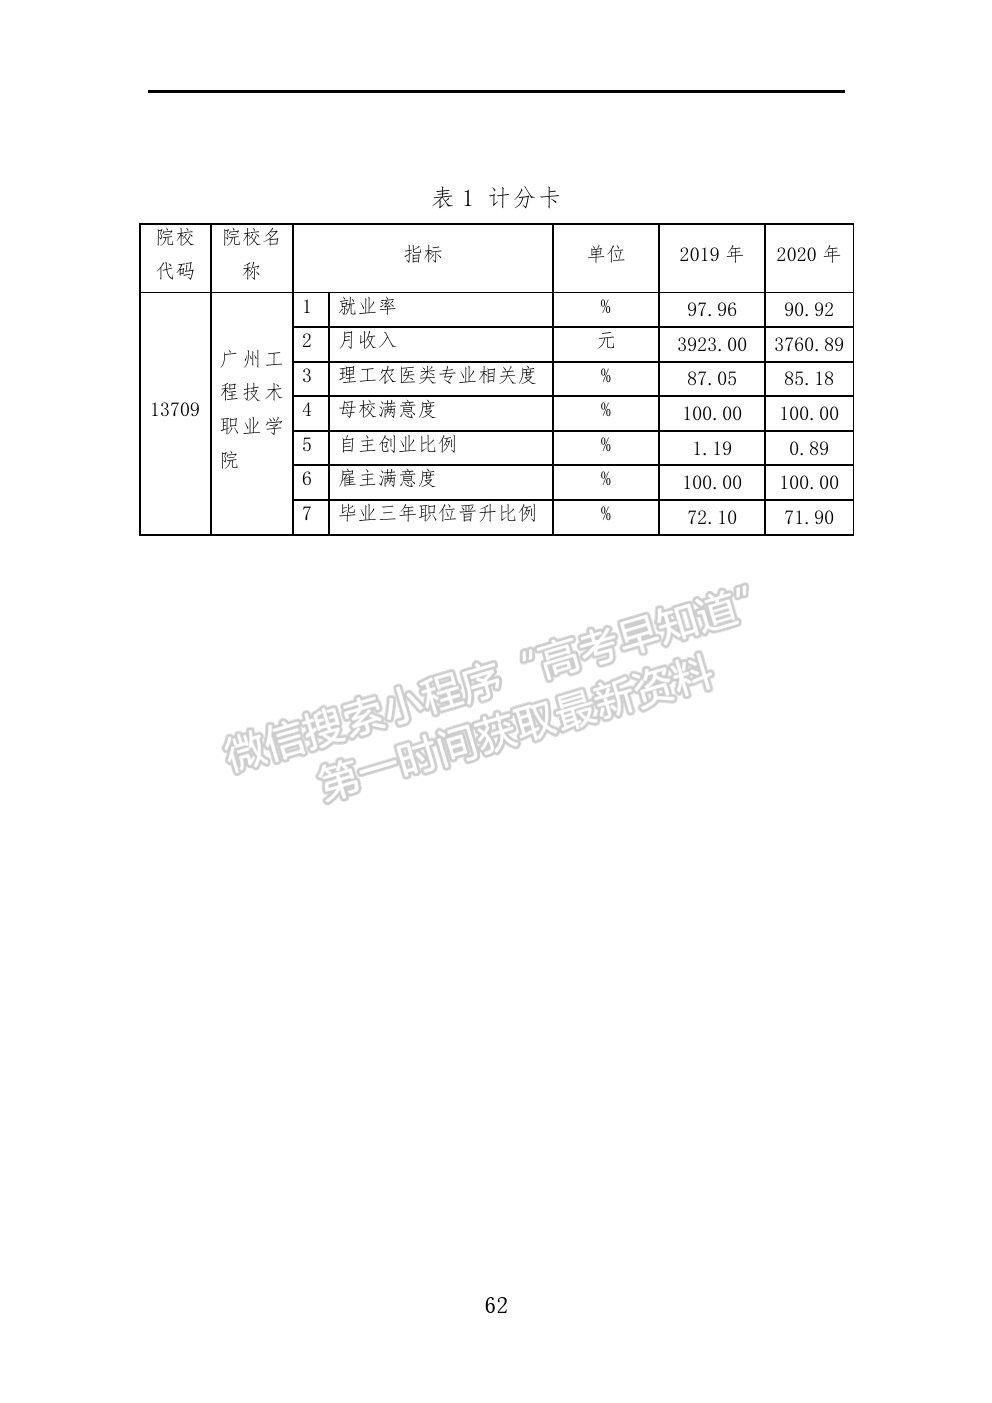 广州工程技术职业学院2021年就业质量报告